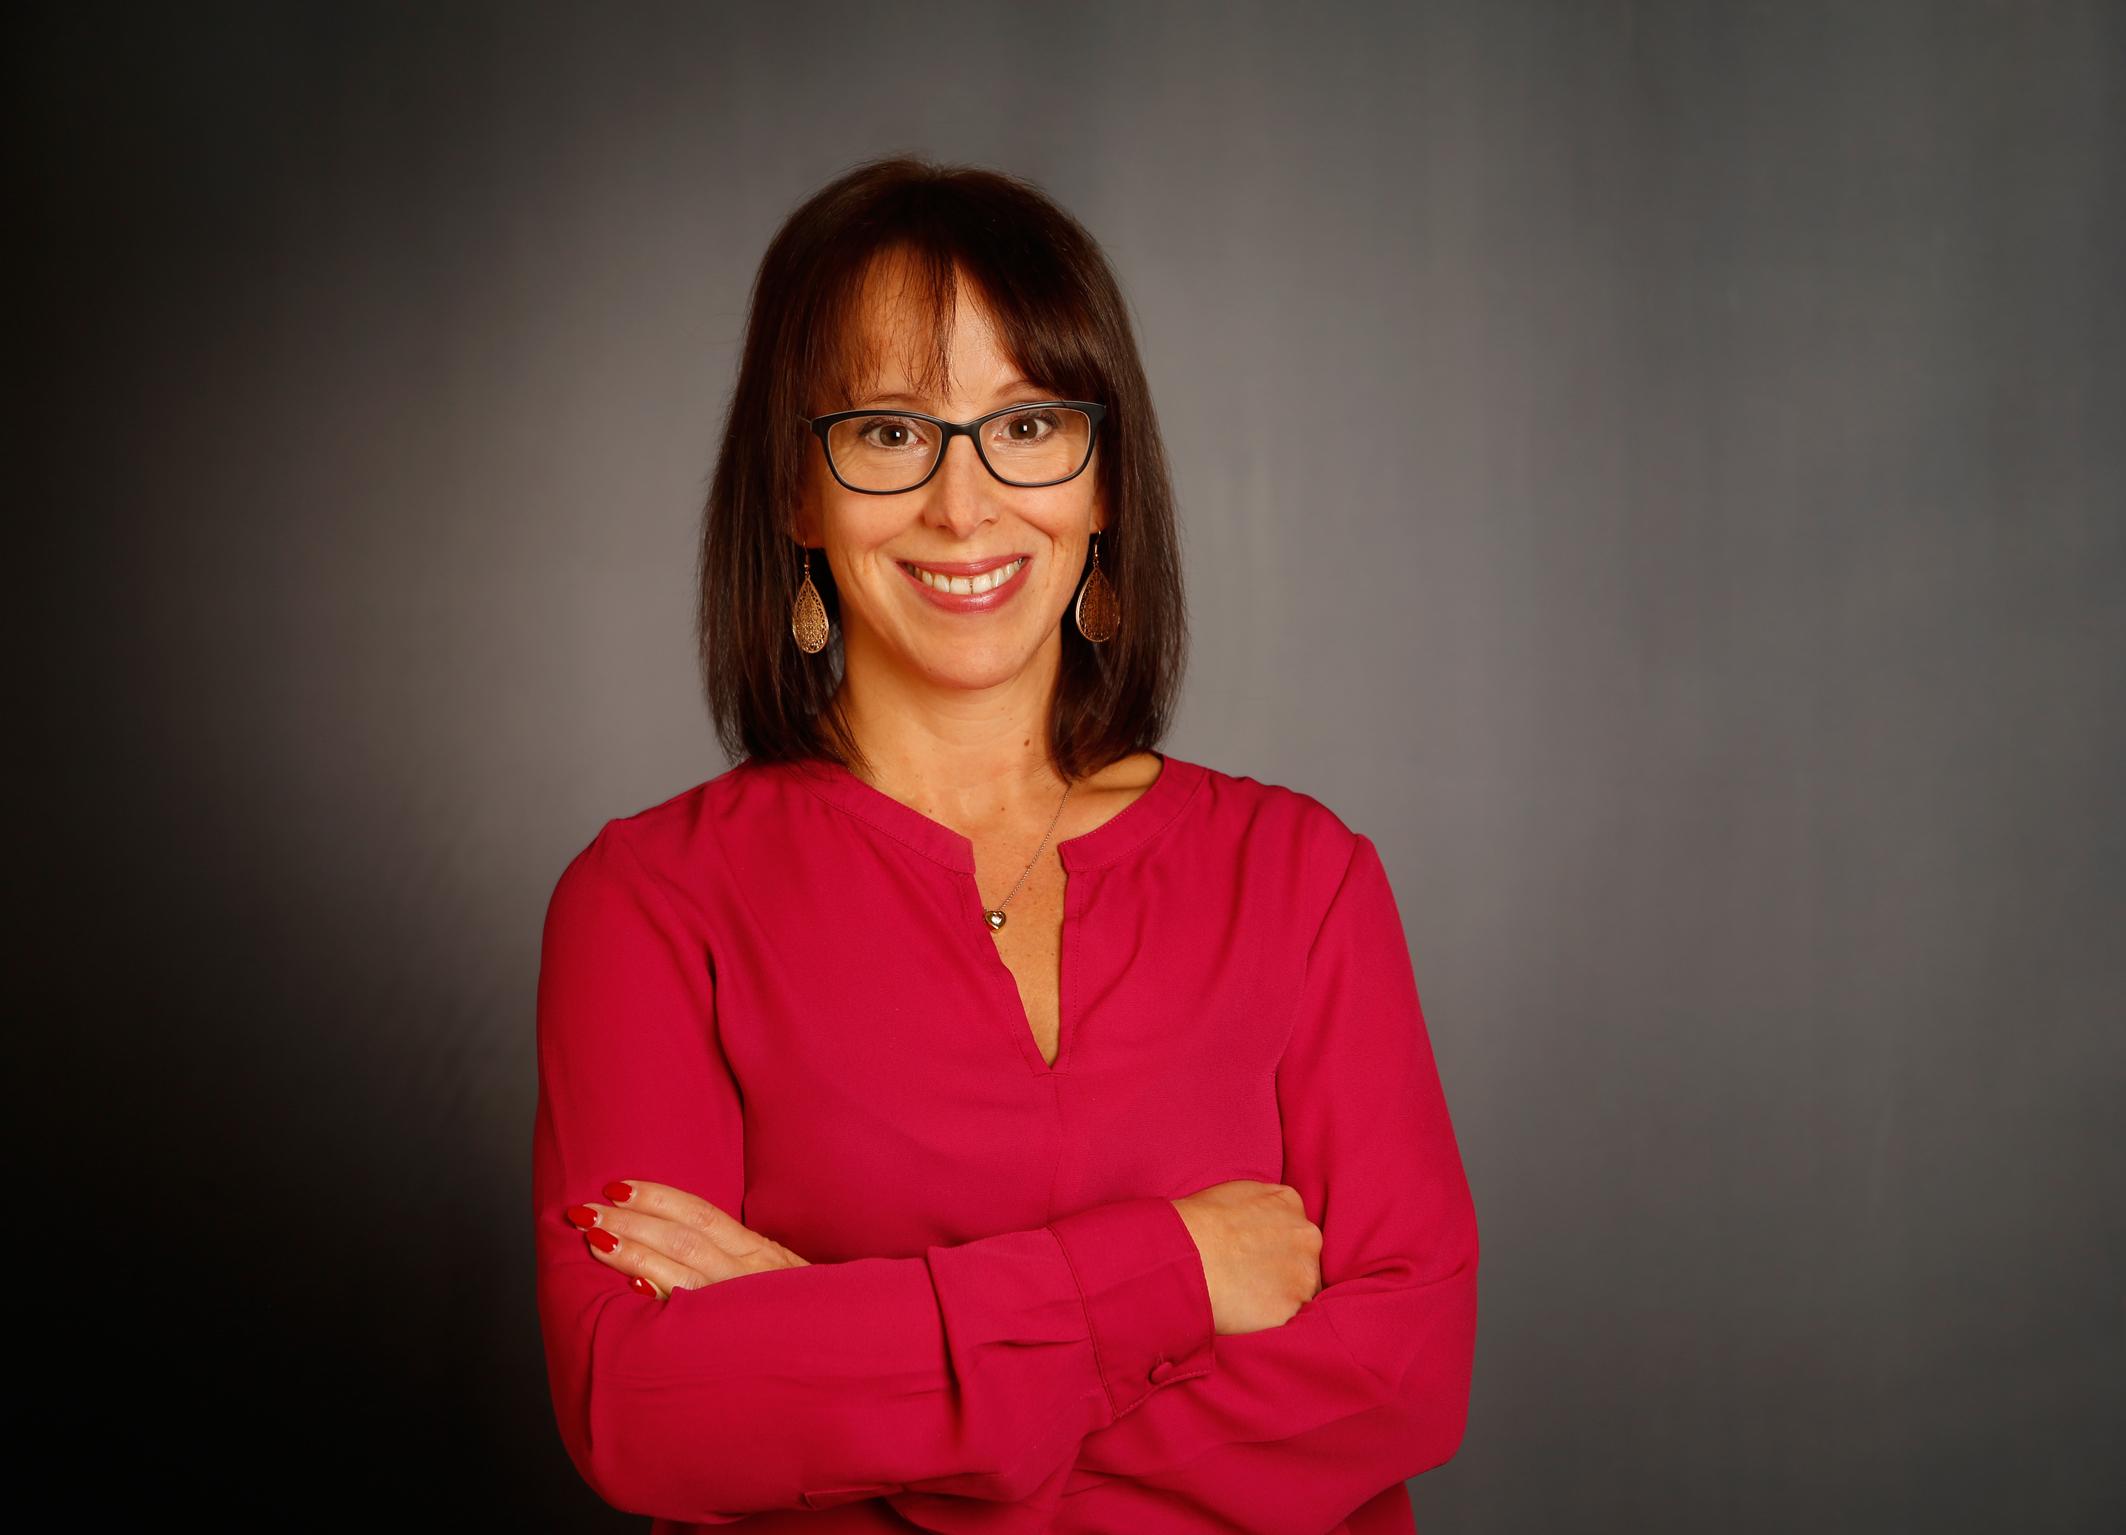 Bianca Prommer ist Expertin für Innovationskultur und Innovationsmanagement